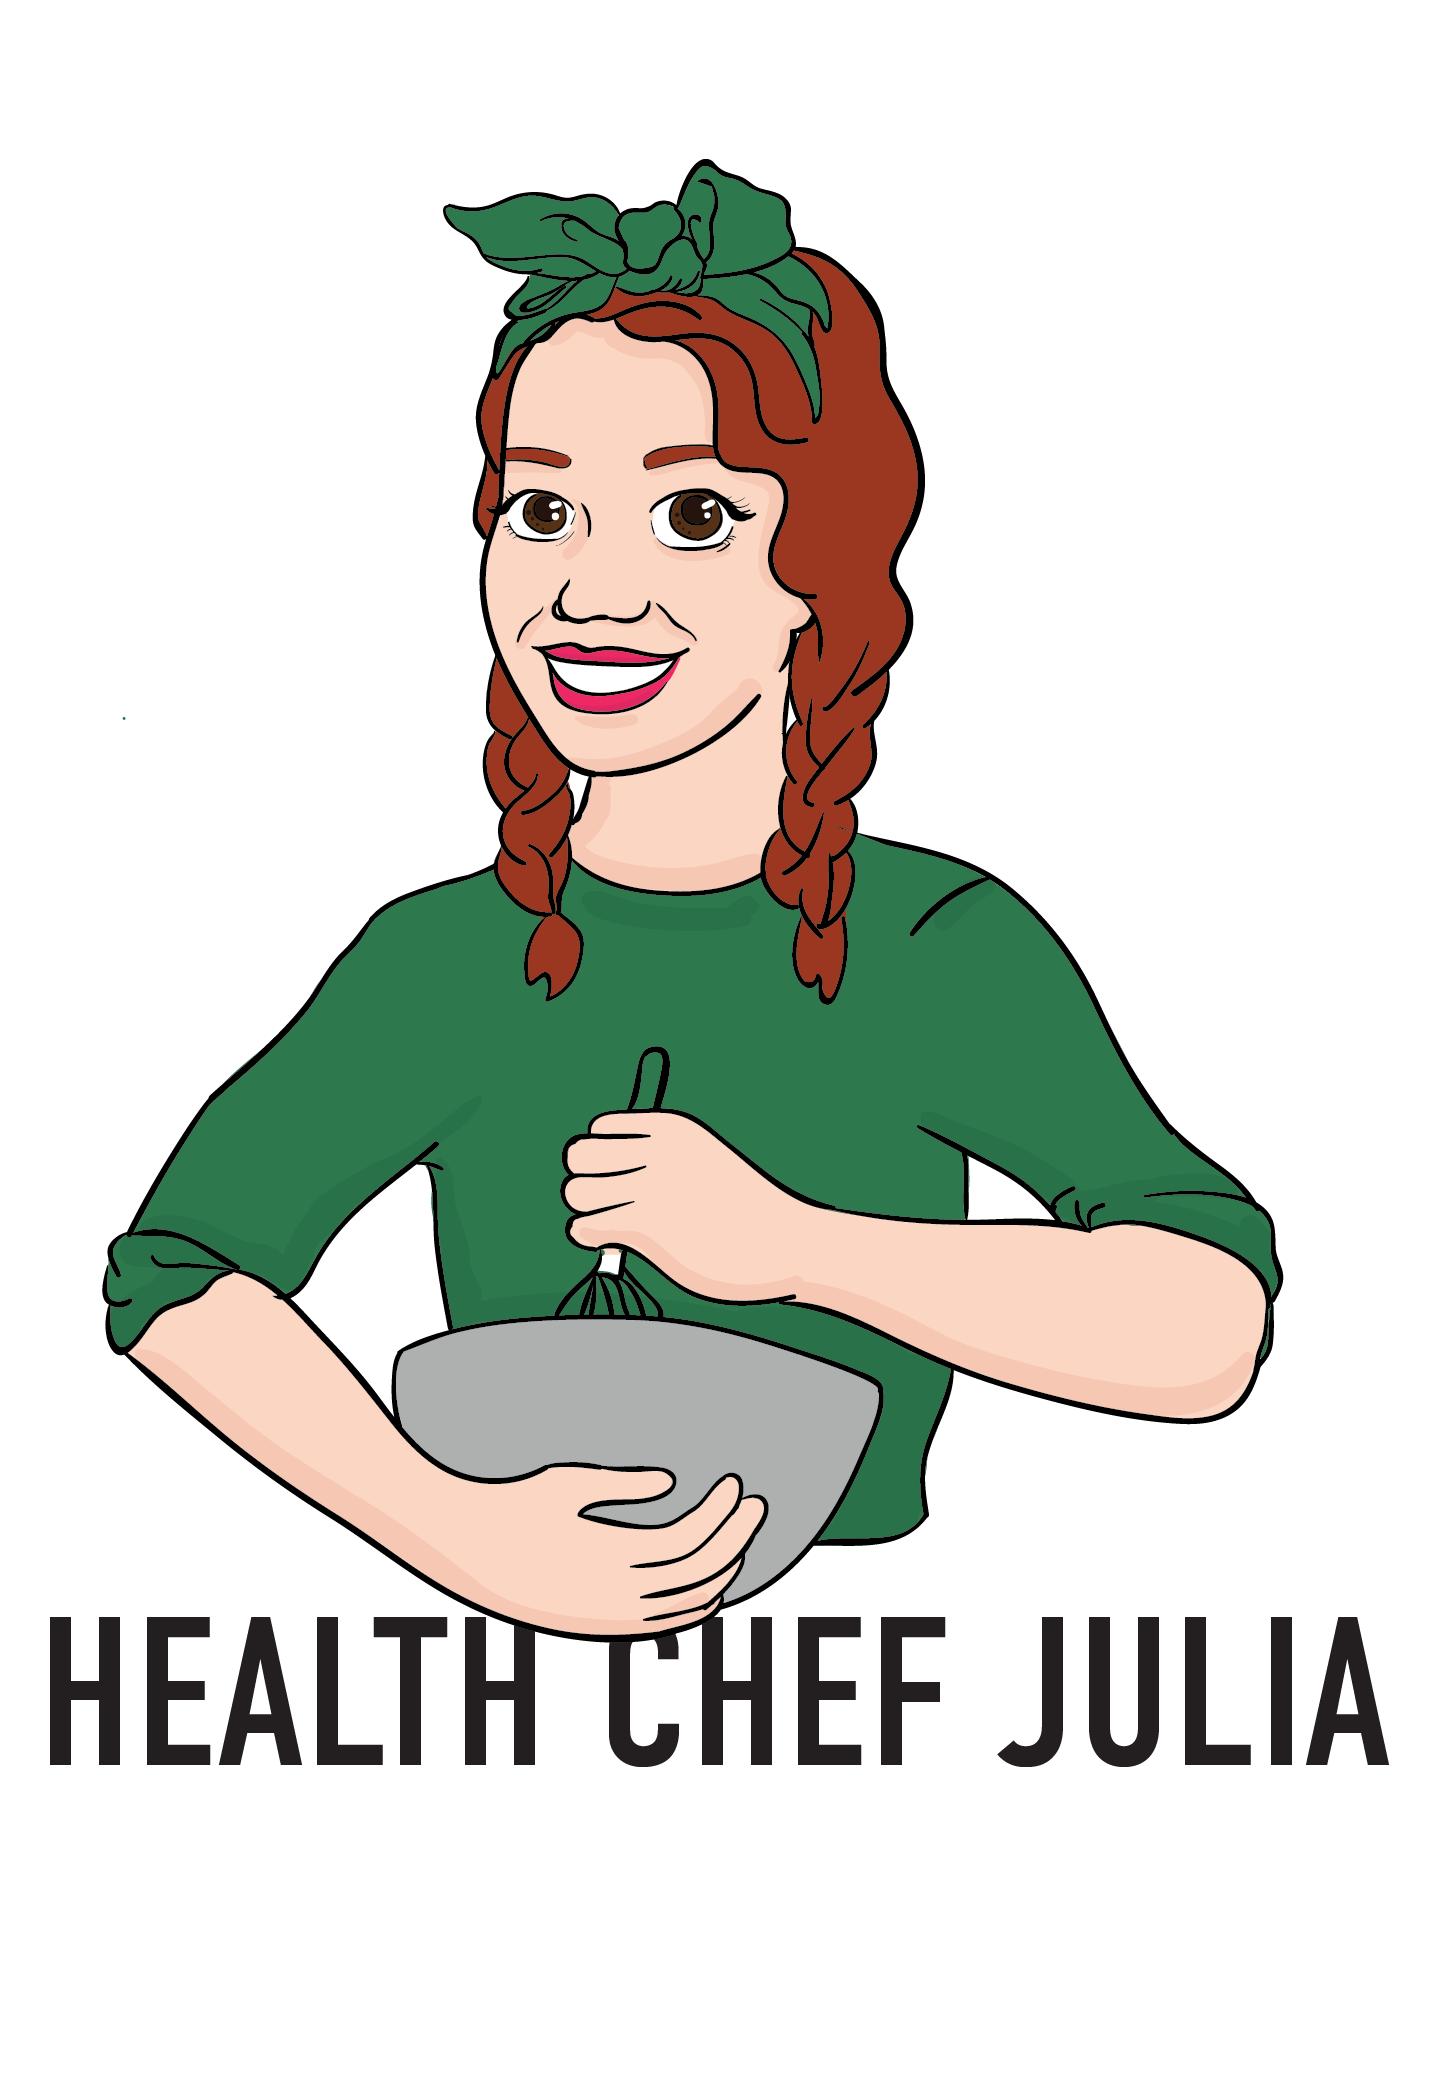 Health Chef Julia NYC